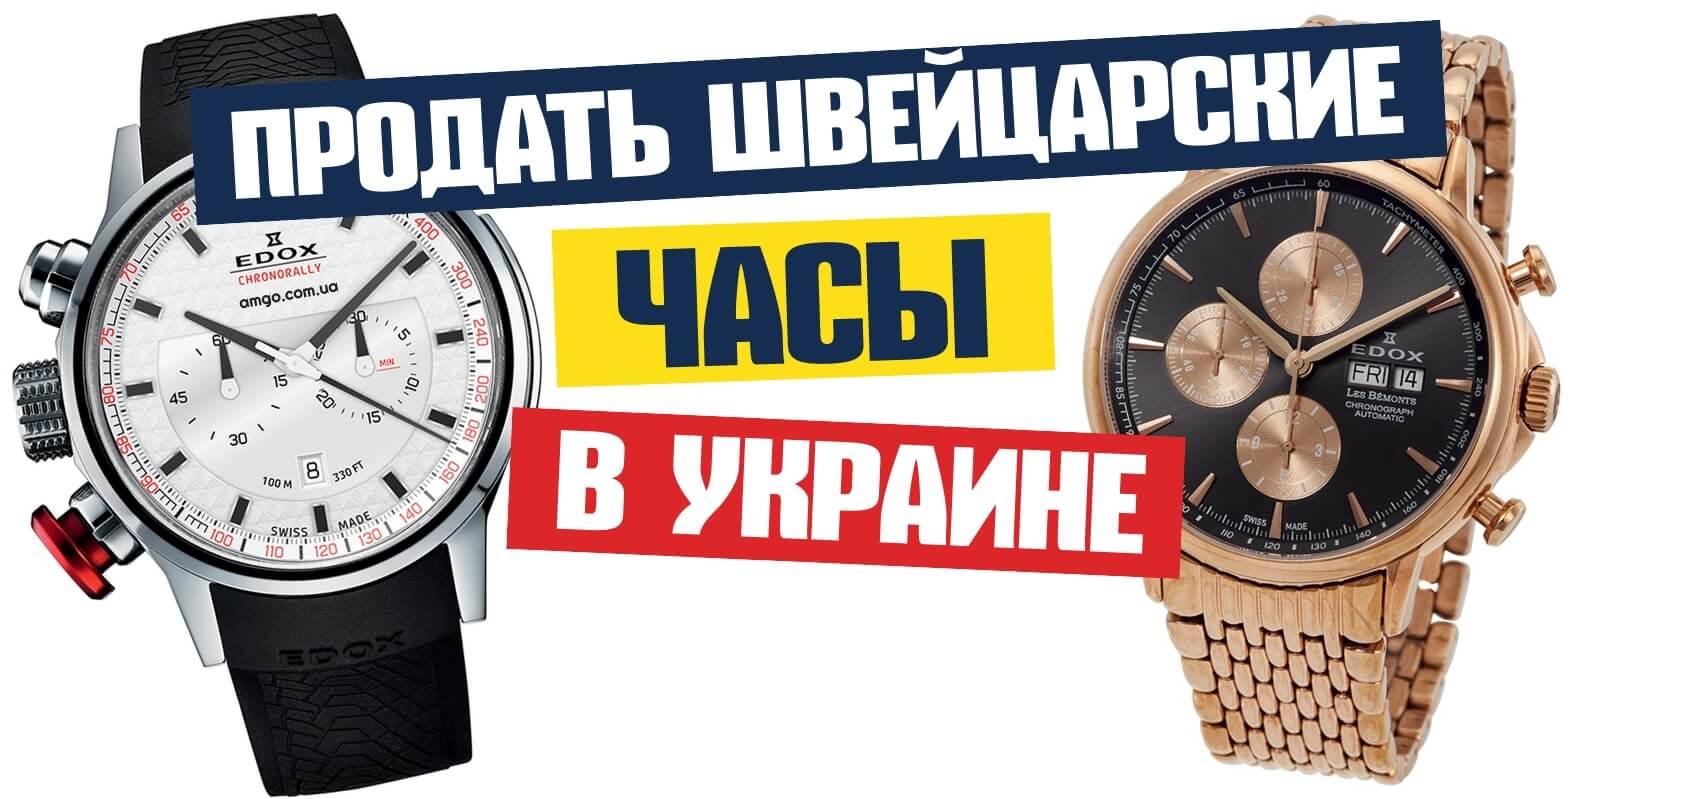 В сумах часов скупка из купить калининграде в золотые часы ломбарда